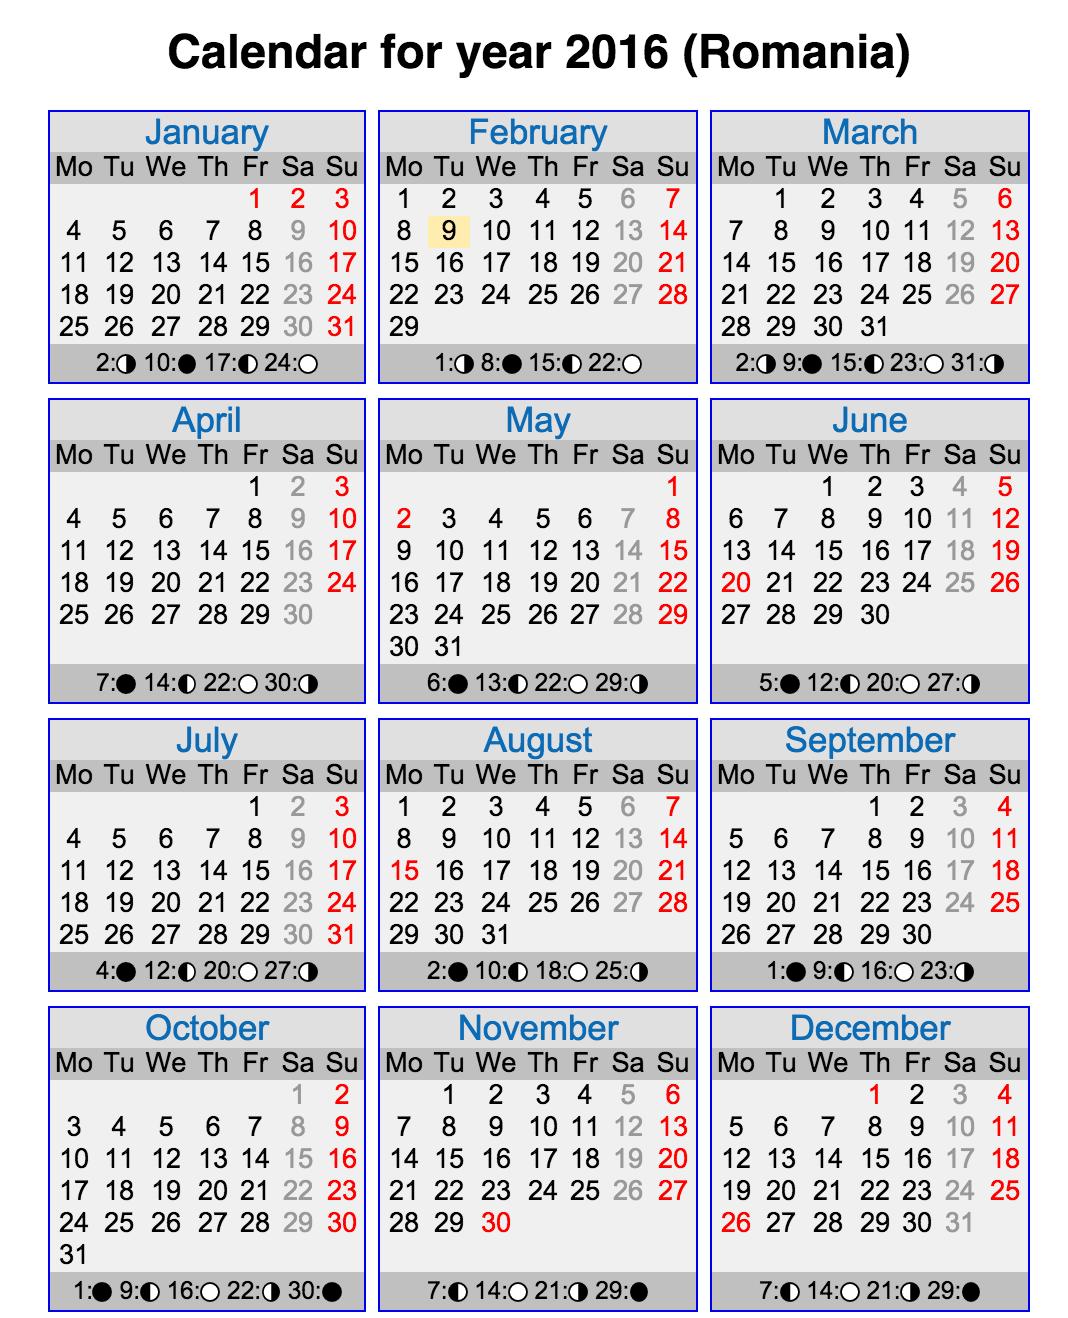 Региональный праздник производственный календарь